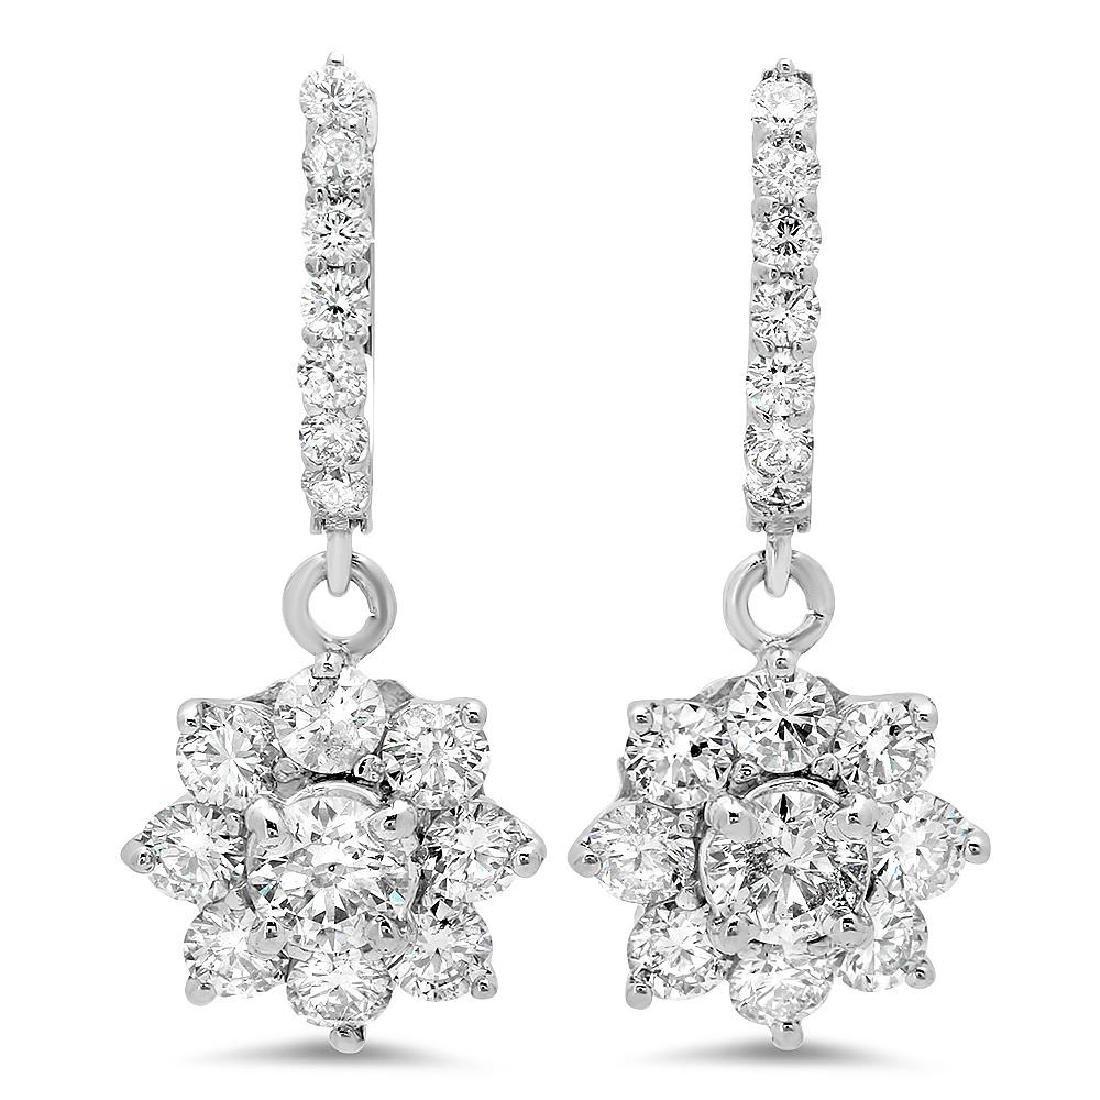 14K Gold 3.41cts Diamond Earrings